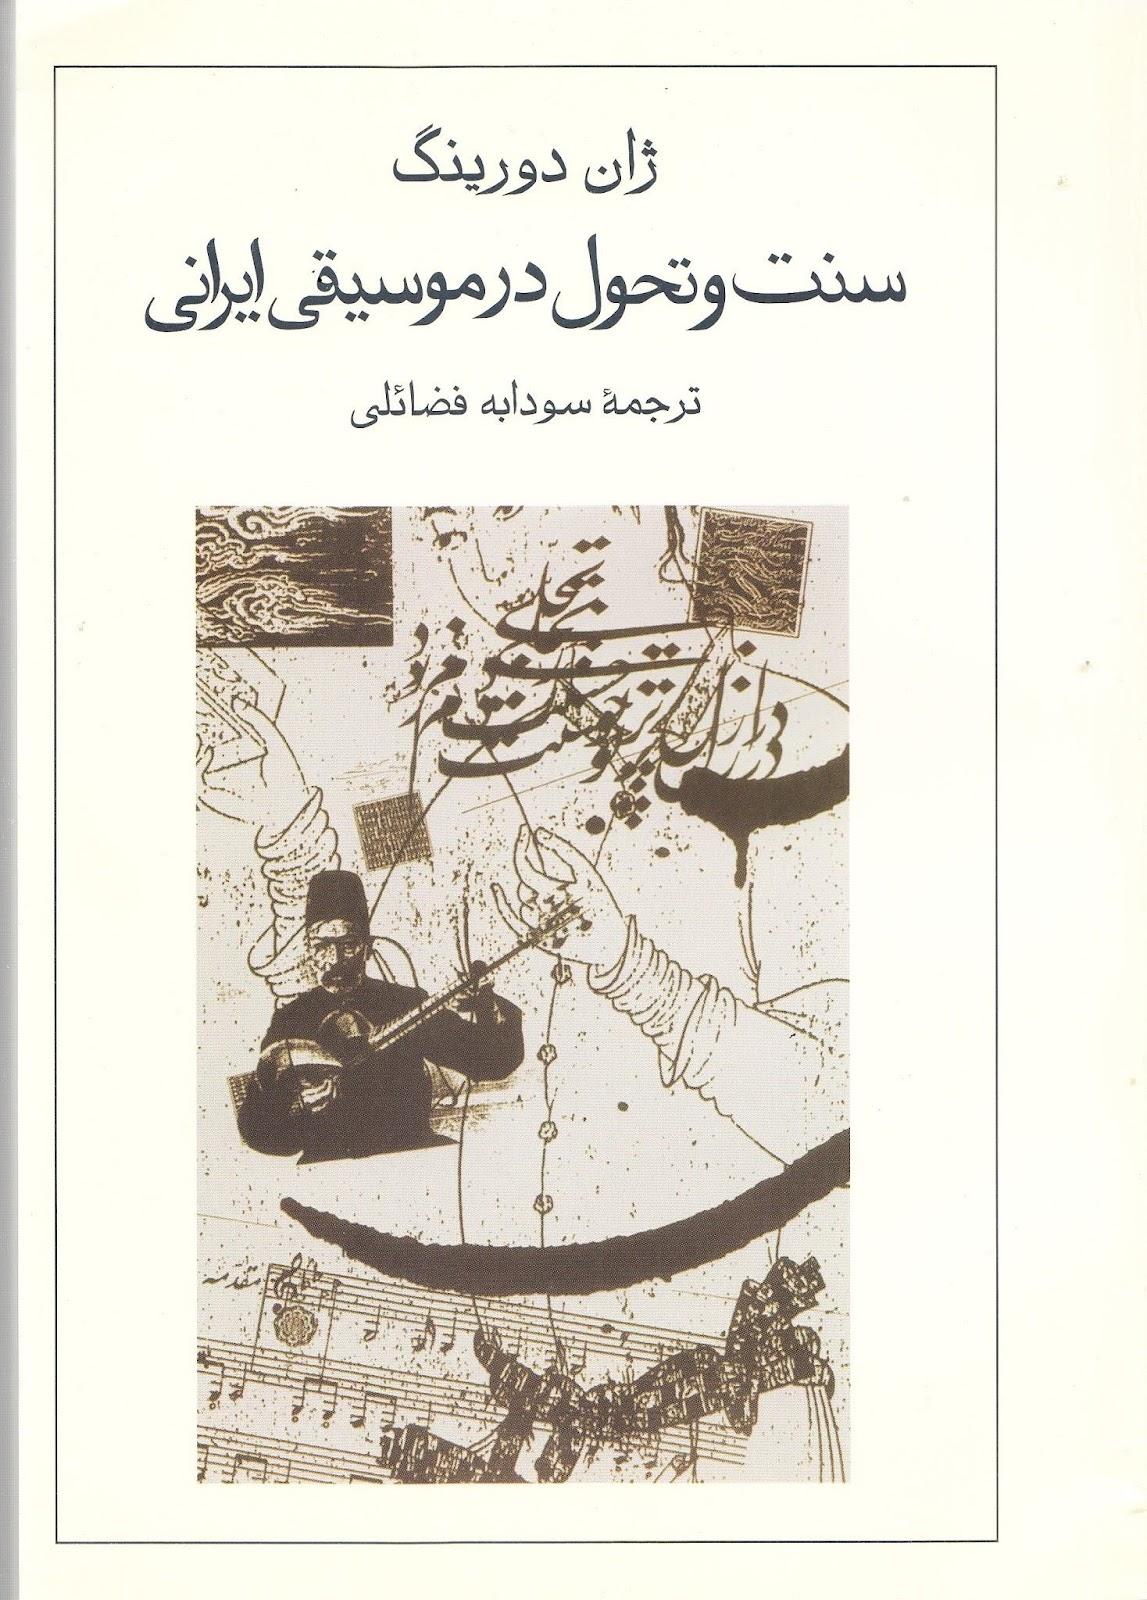 کتاب سنت و تحول در موسیقی ایرانی ژان دورینگ